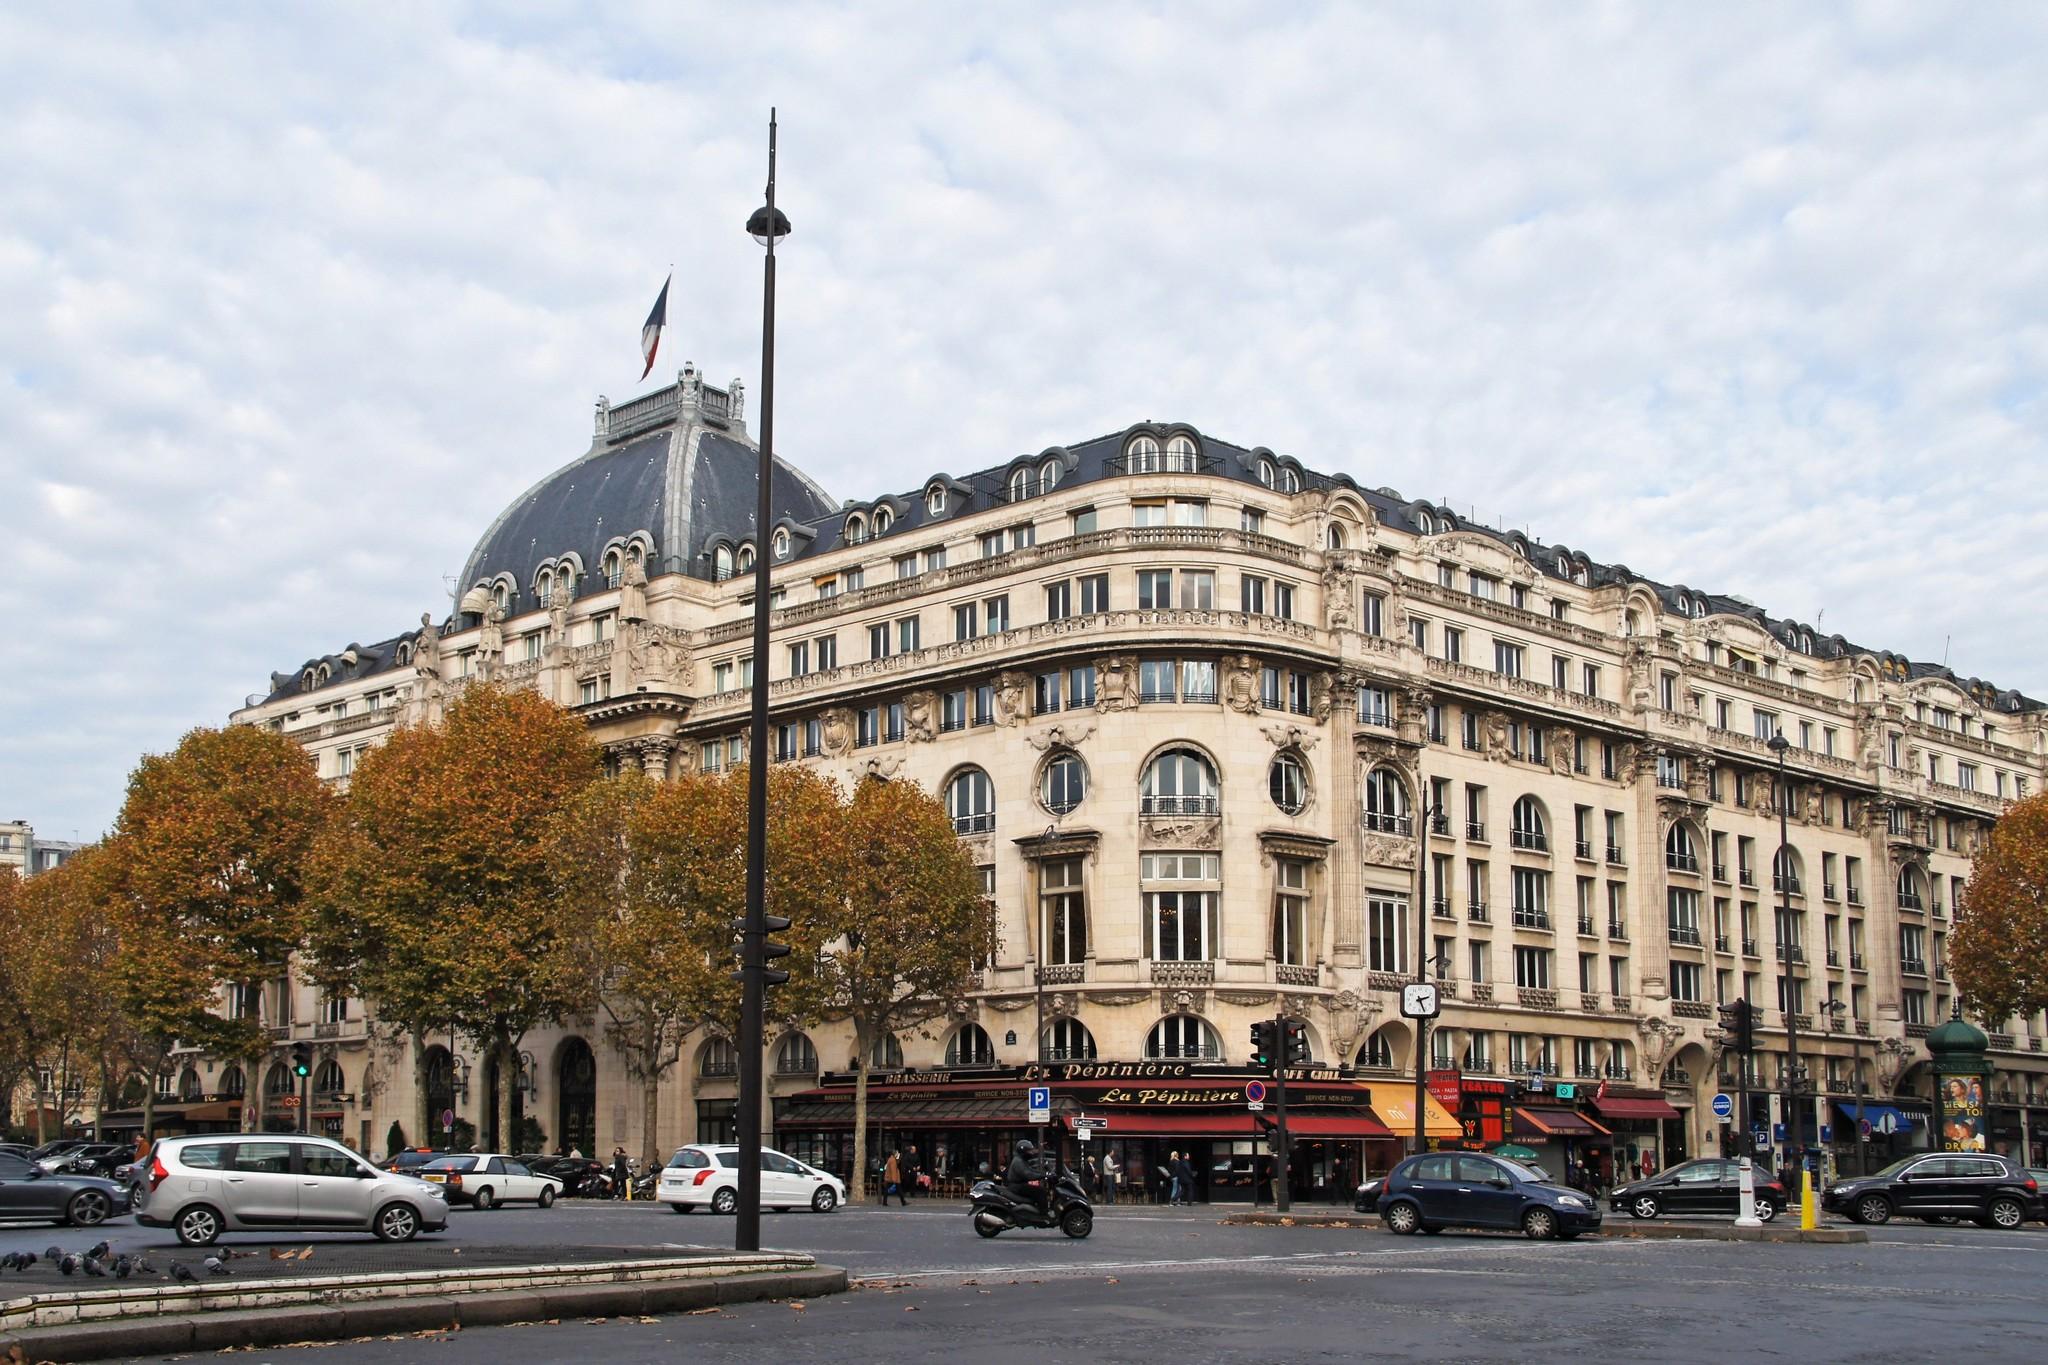 Cercle national des armées, paris december 2014